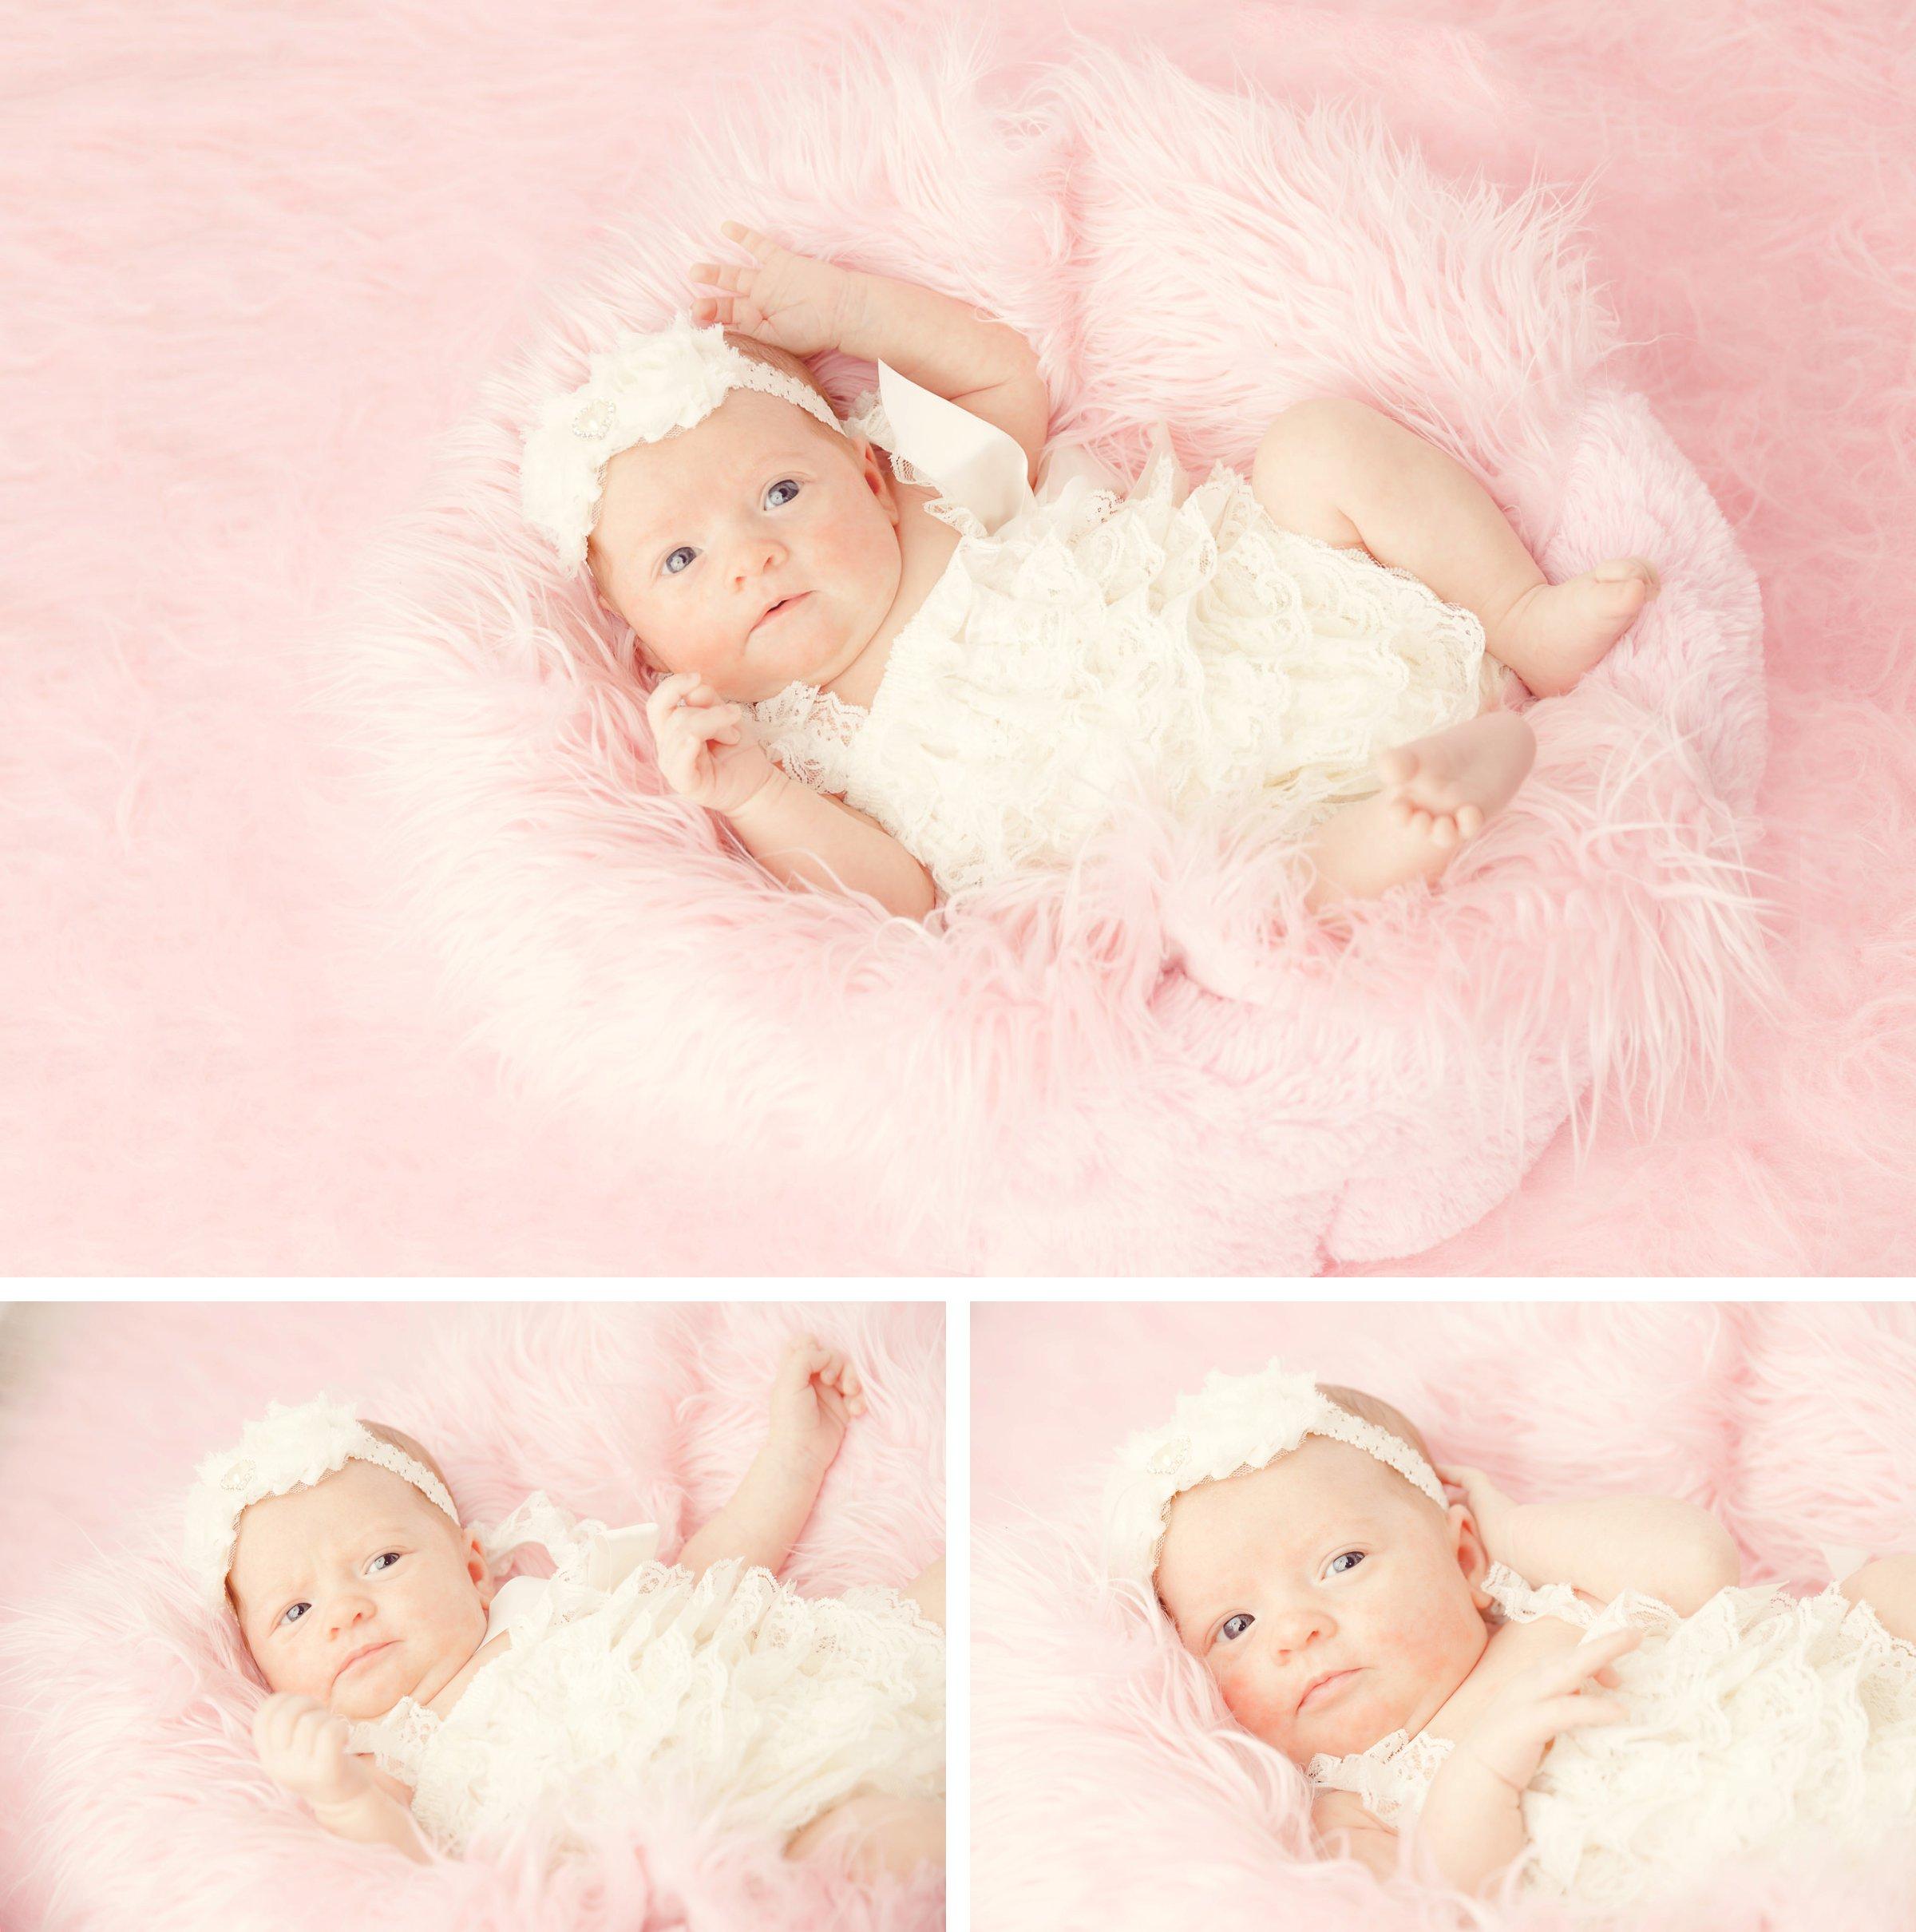 nyfødt-nyfødtfotograf-nyfødtfotografering-fotograf-hodnedesign-pål-hodne--4.jpg